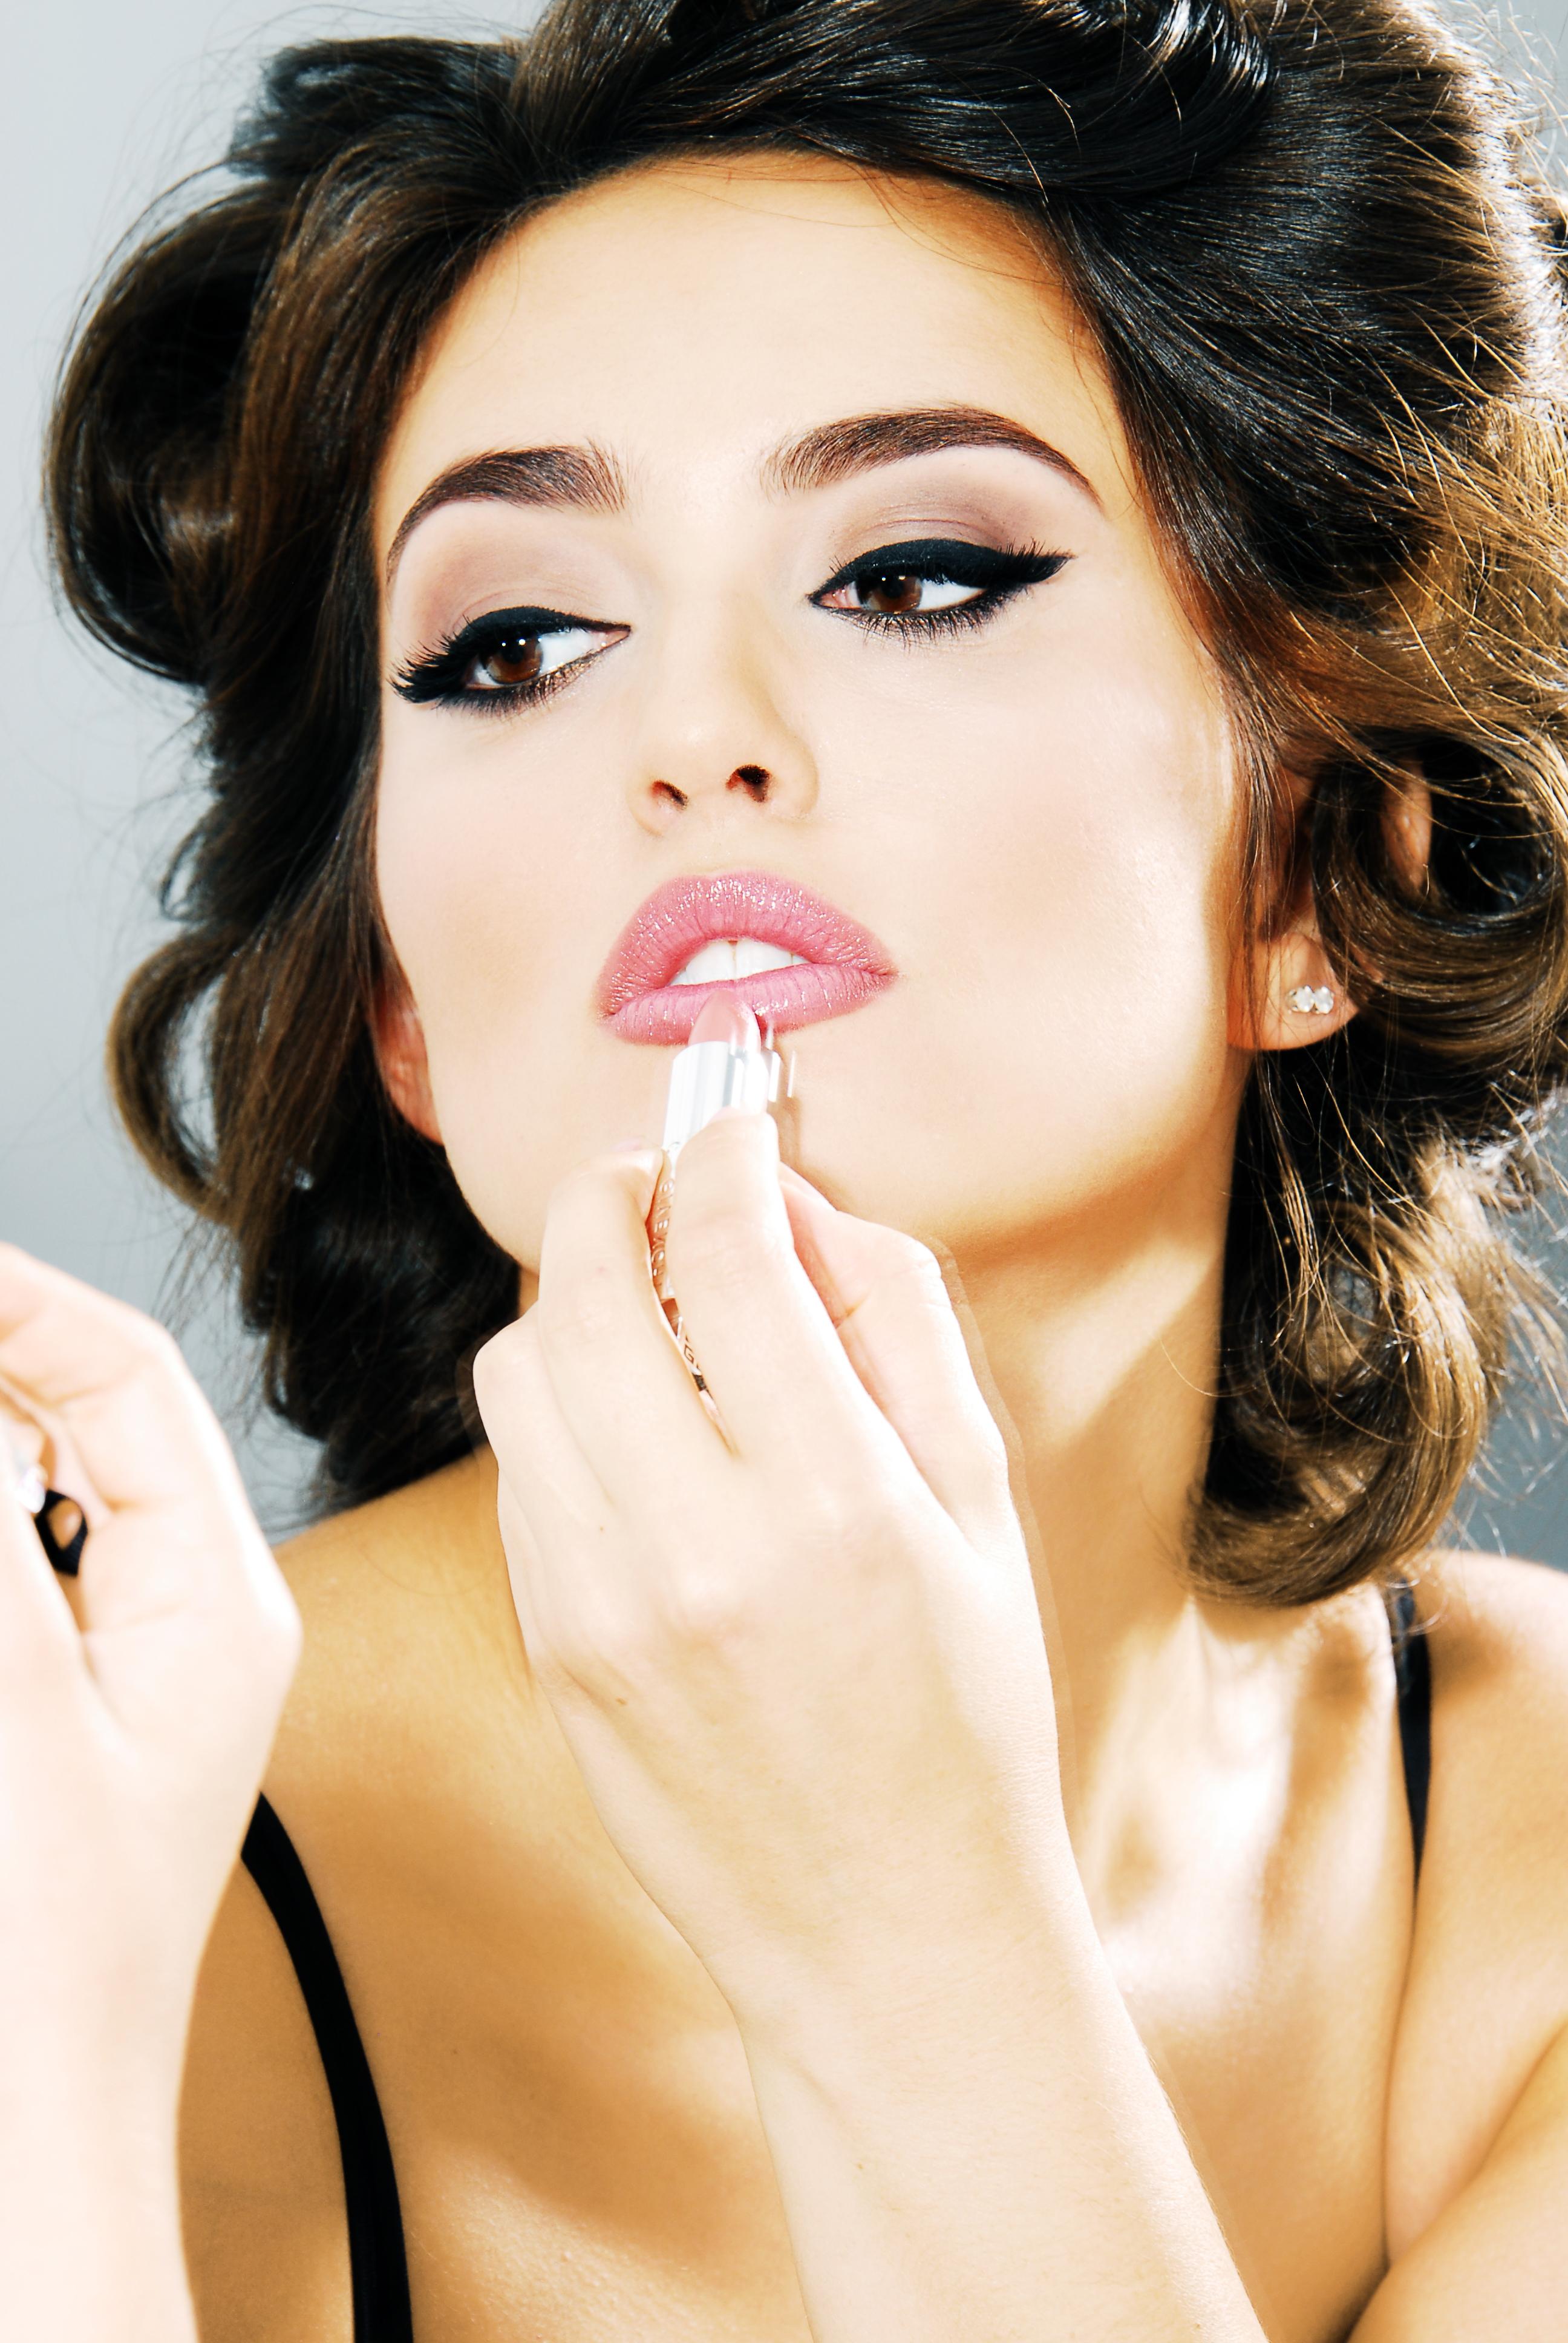 special occasion/portrait makeup « professional makeup artist